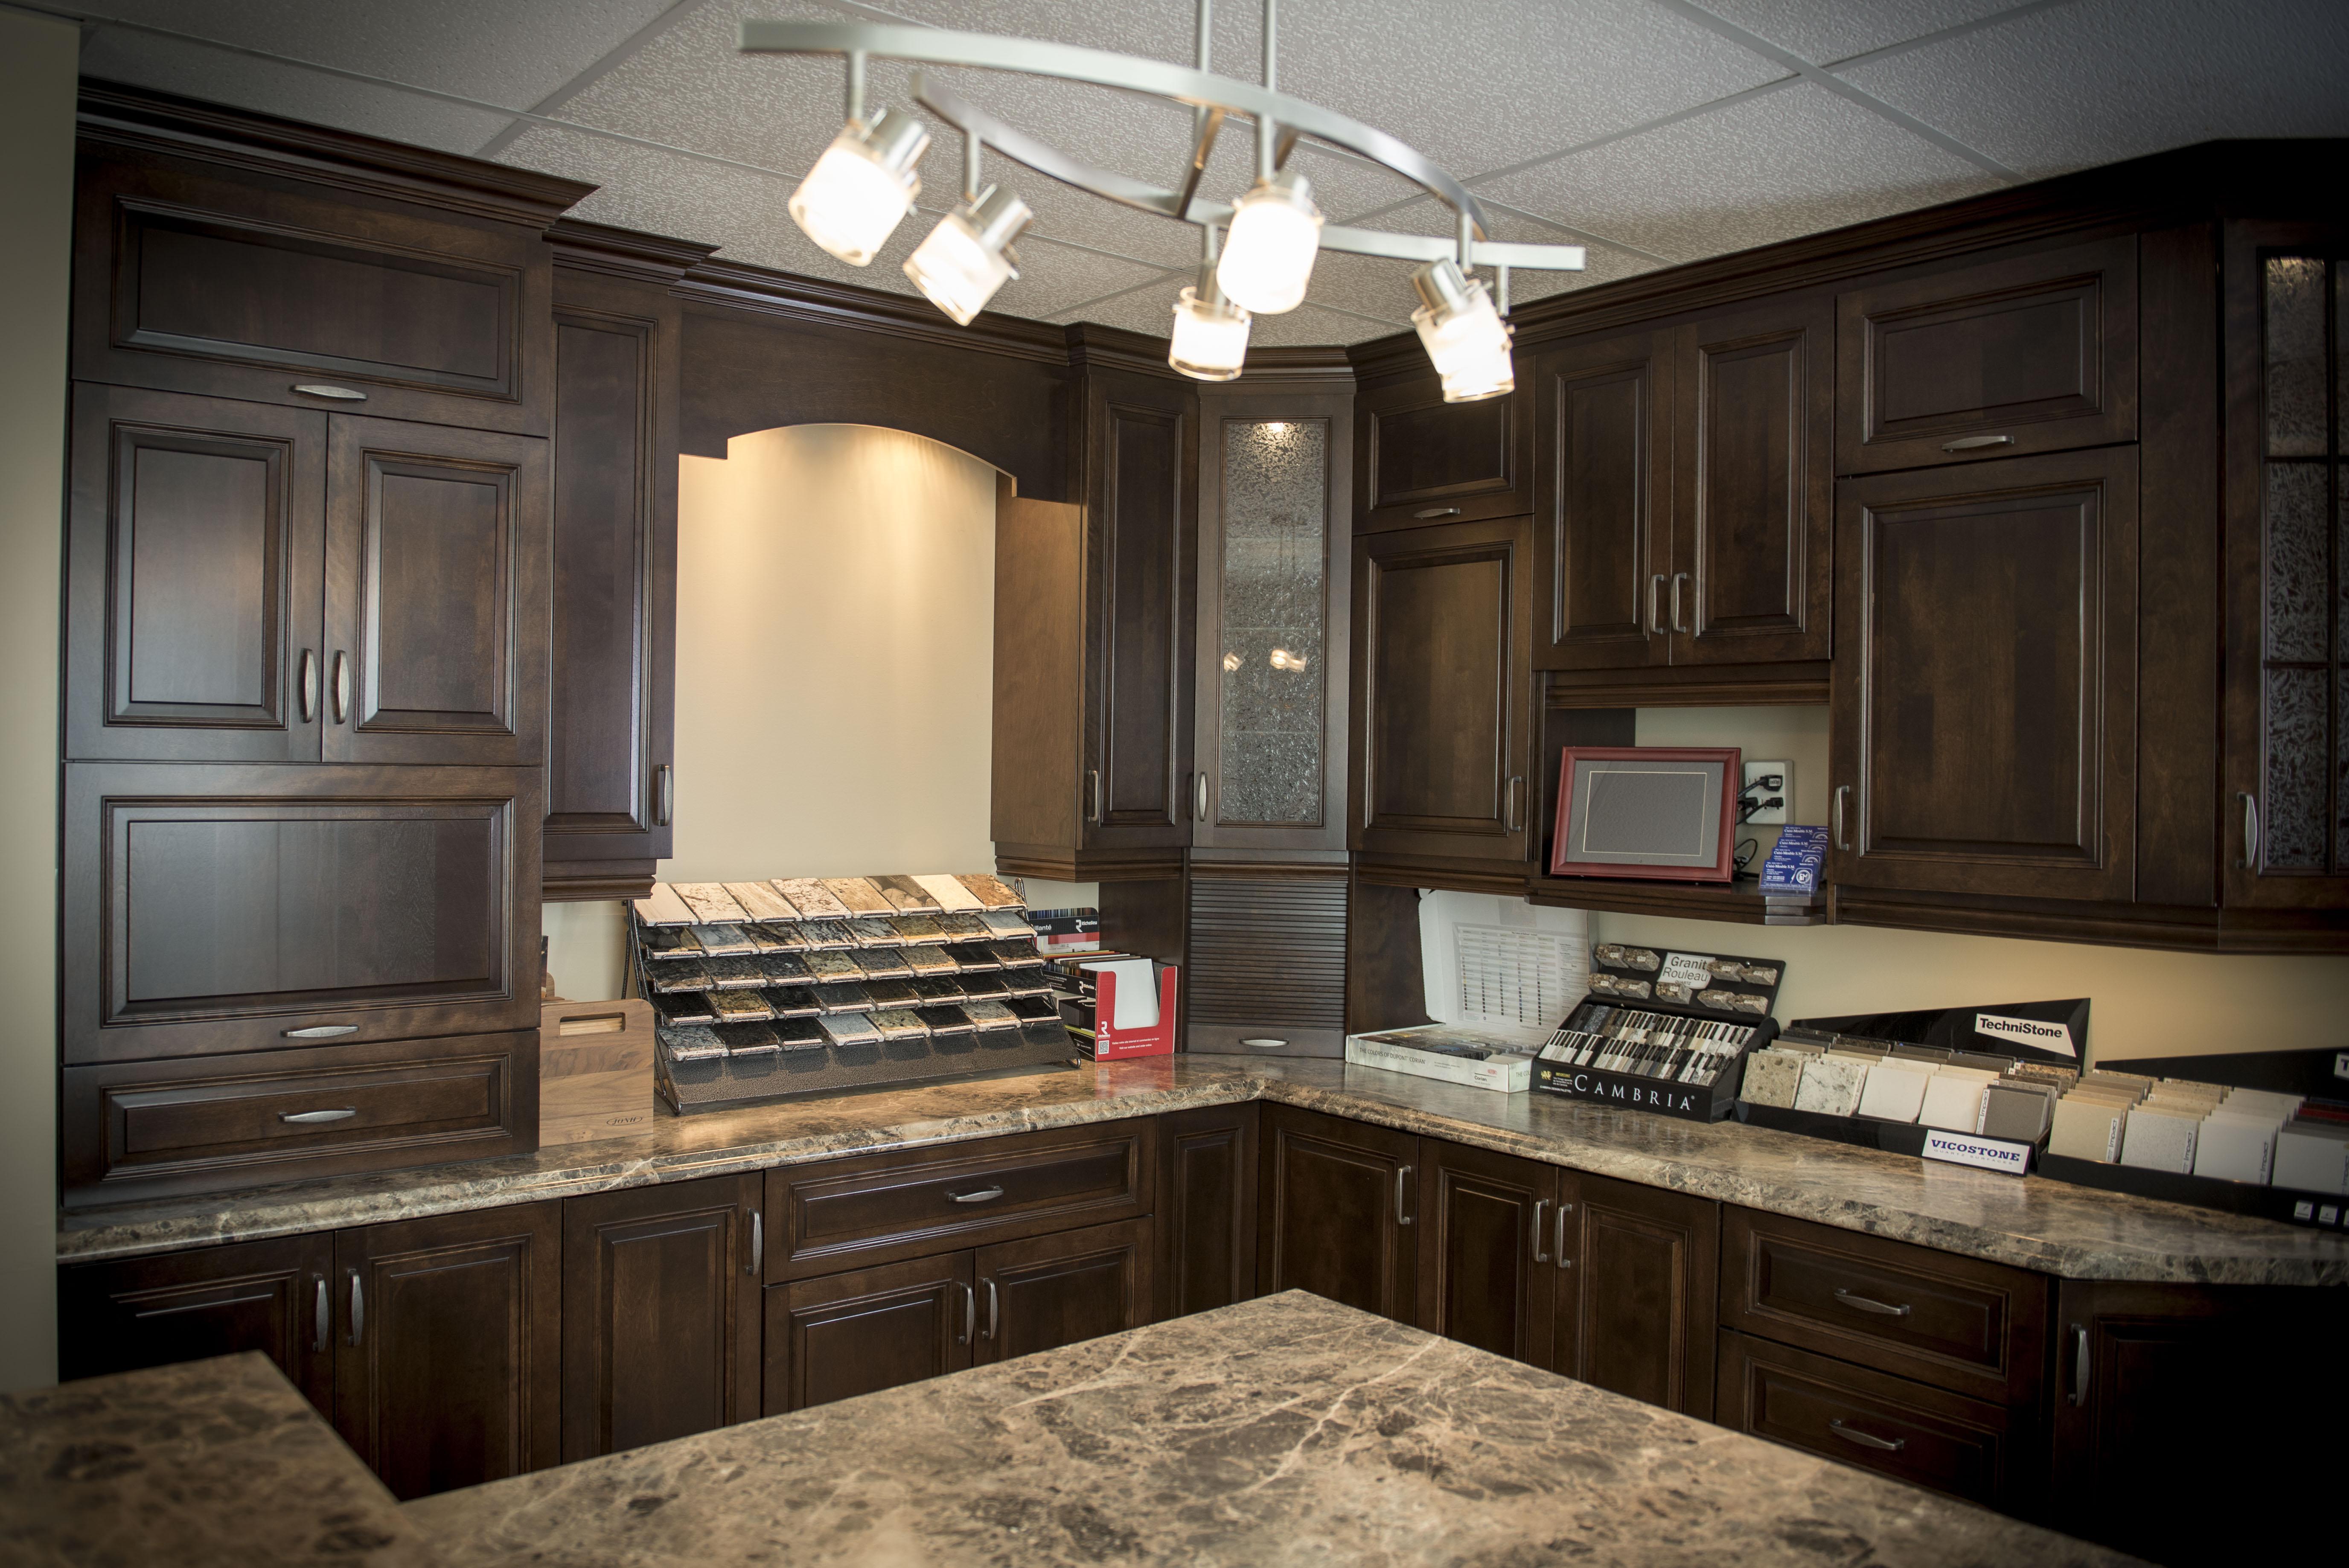 Salle de montre cuisine 28 images salle de montre for Les cuisines sur mesure